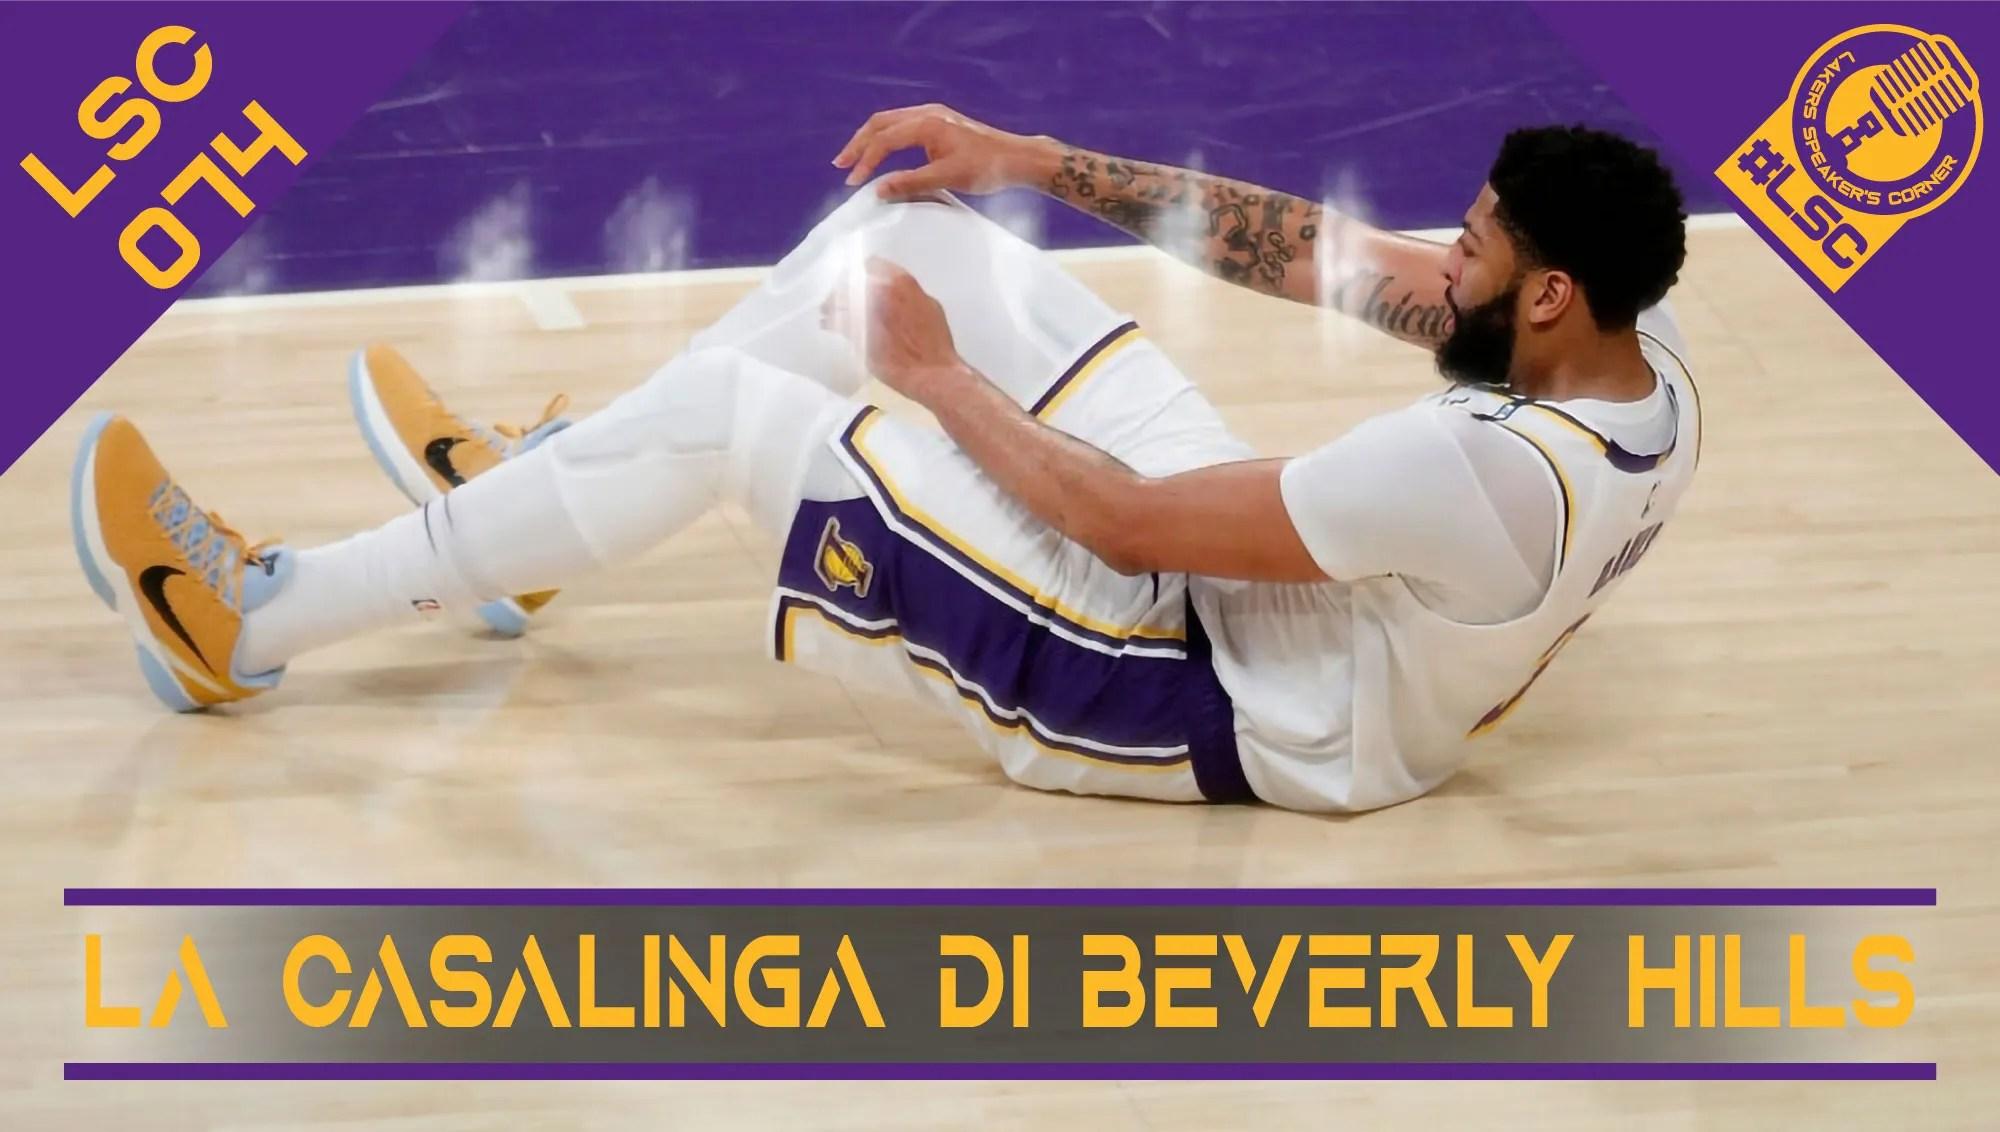 Le vittorie di gara 2 e 3, l'infortunio di Davis e la brutta prestazione in gara 4, gli scenari per il resto della serie tra Lakers e Suns.